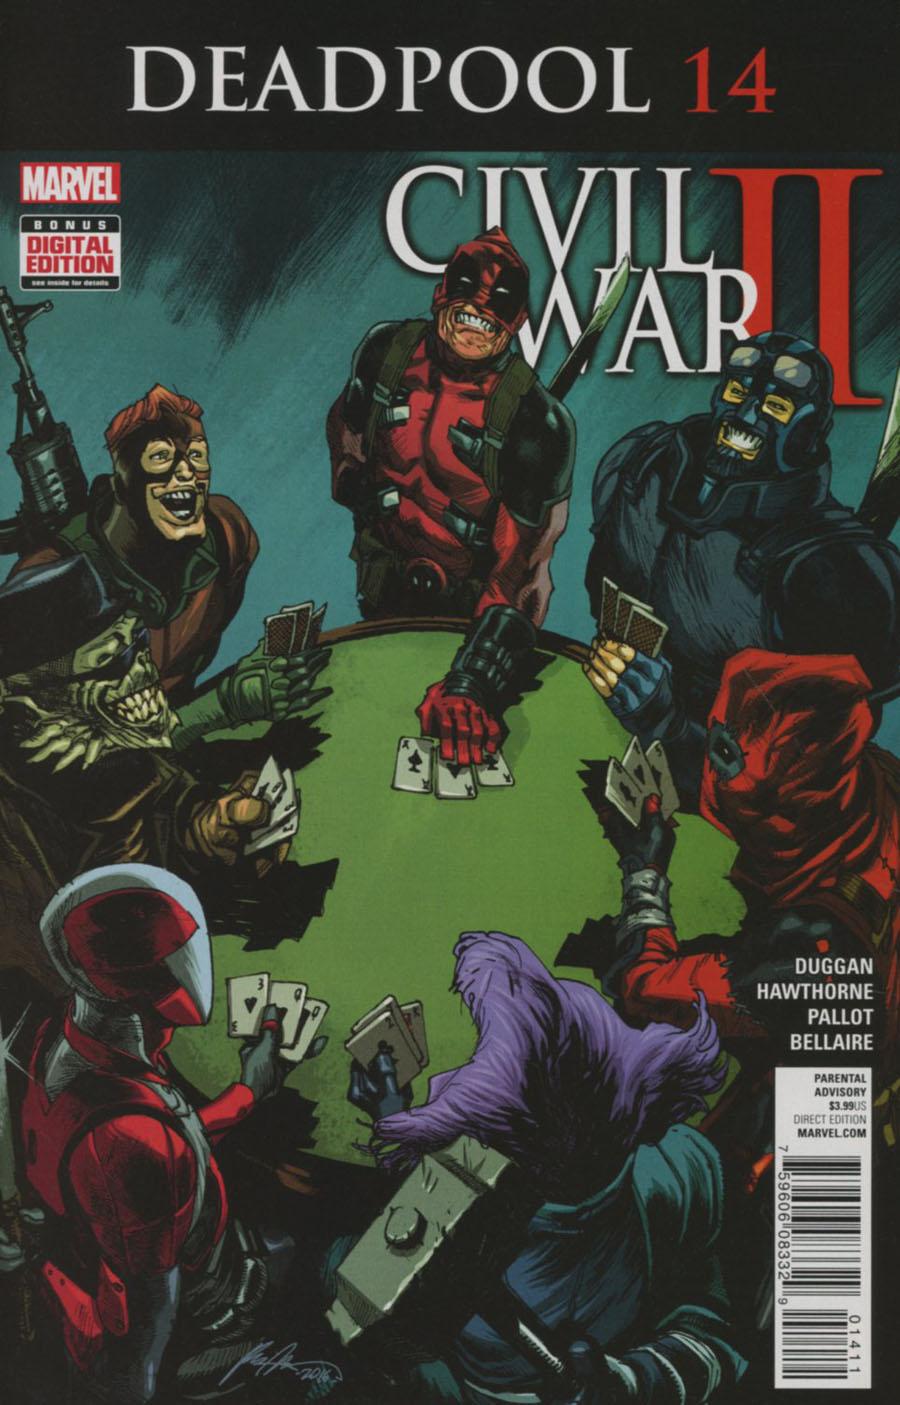 Deadpool Vol 5 #14 Cover A Regular Rafael Albuquerque Cover (Civil War II Tie-In)